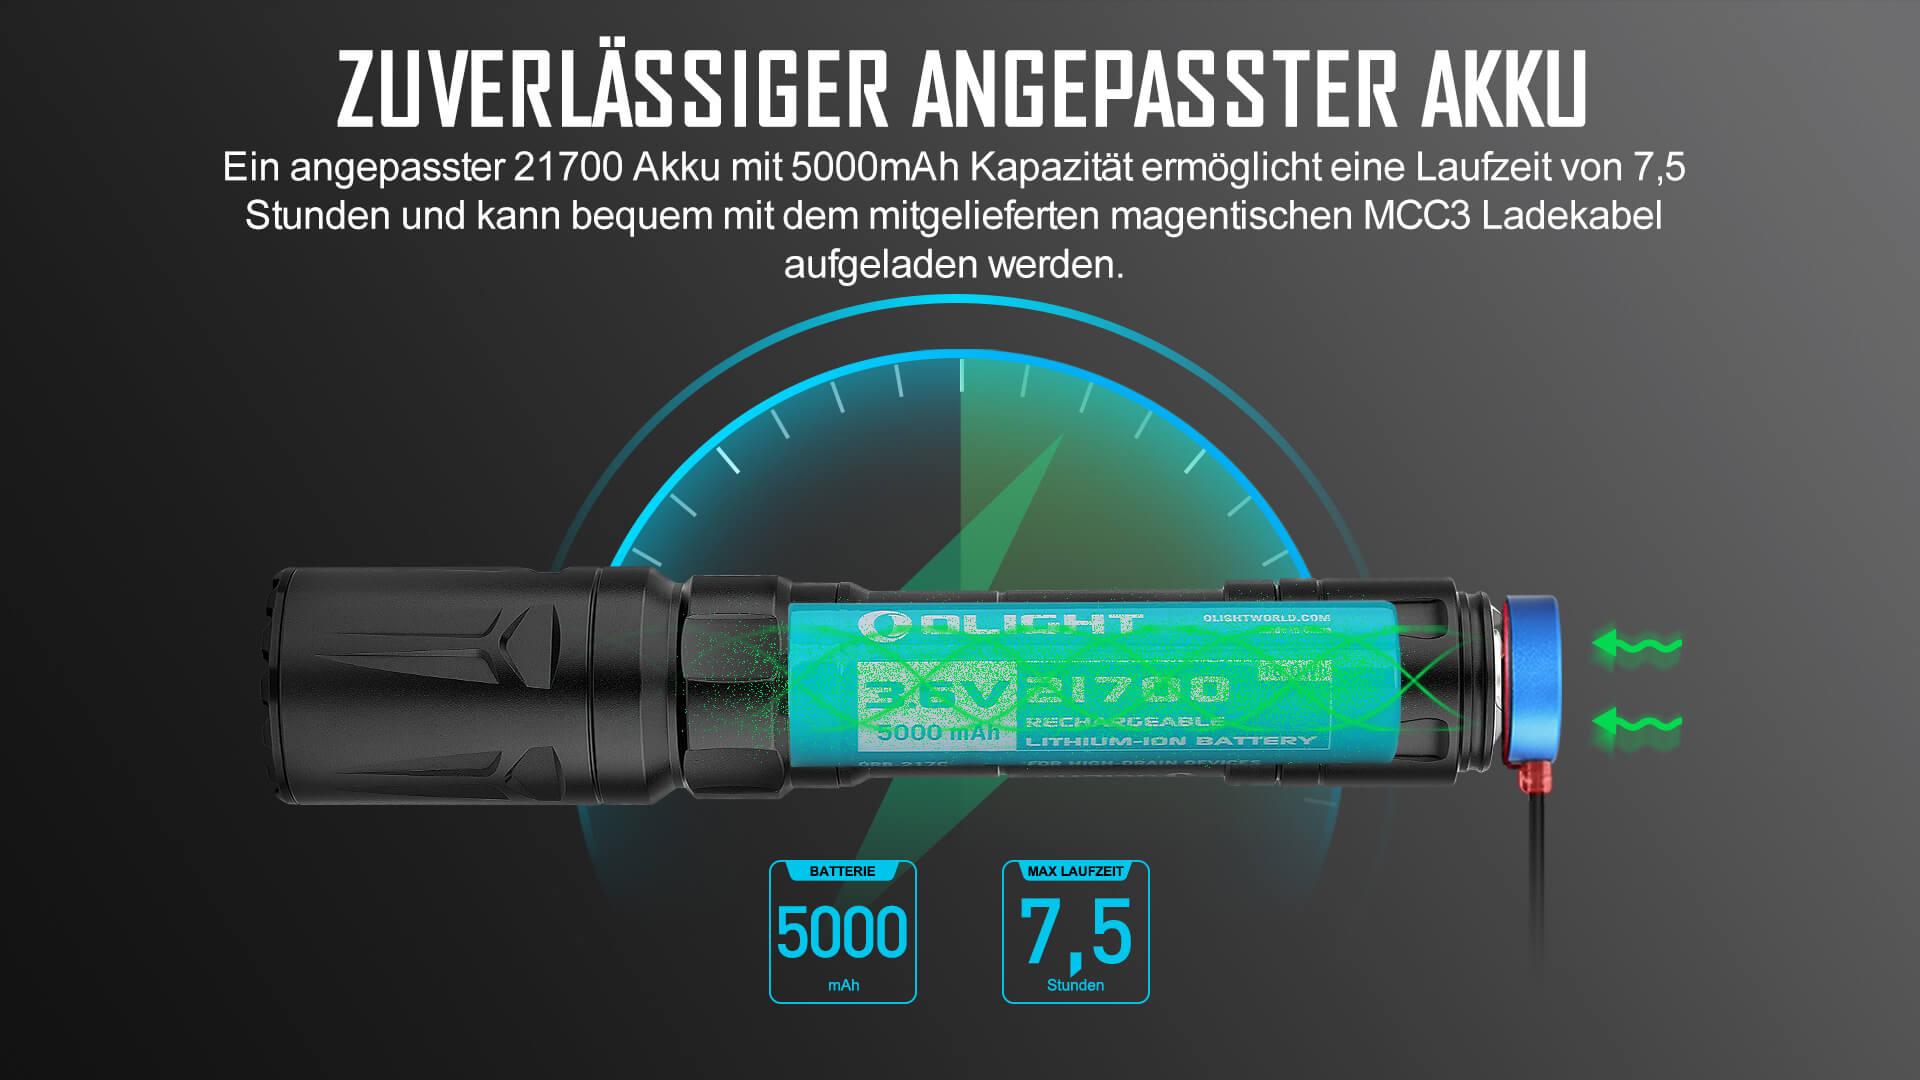 Zuverlässige maßgeschneiderte Batterie